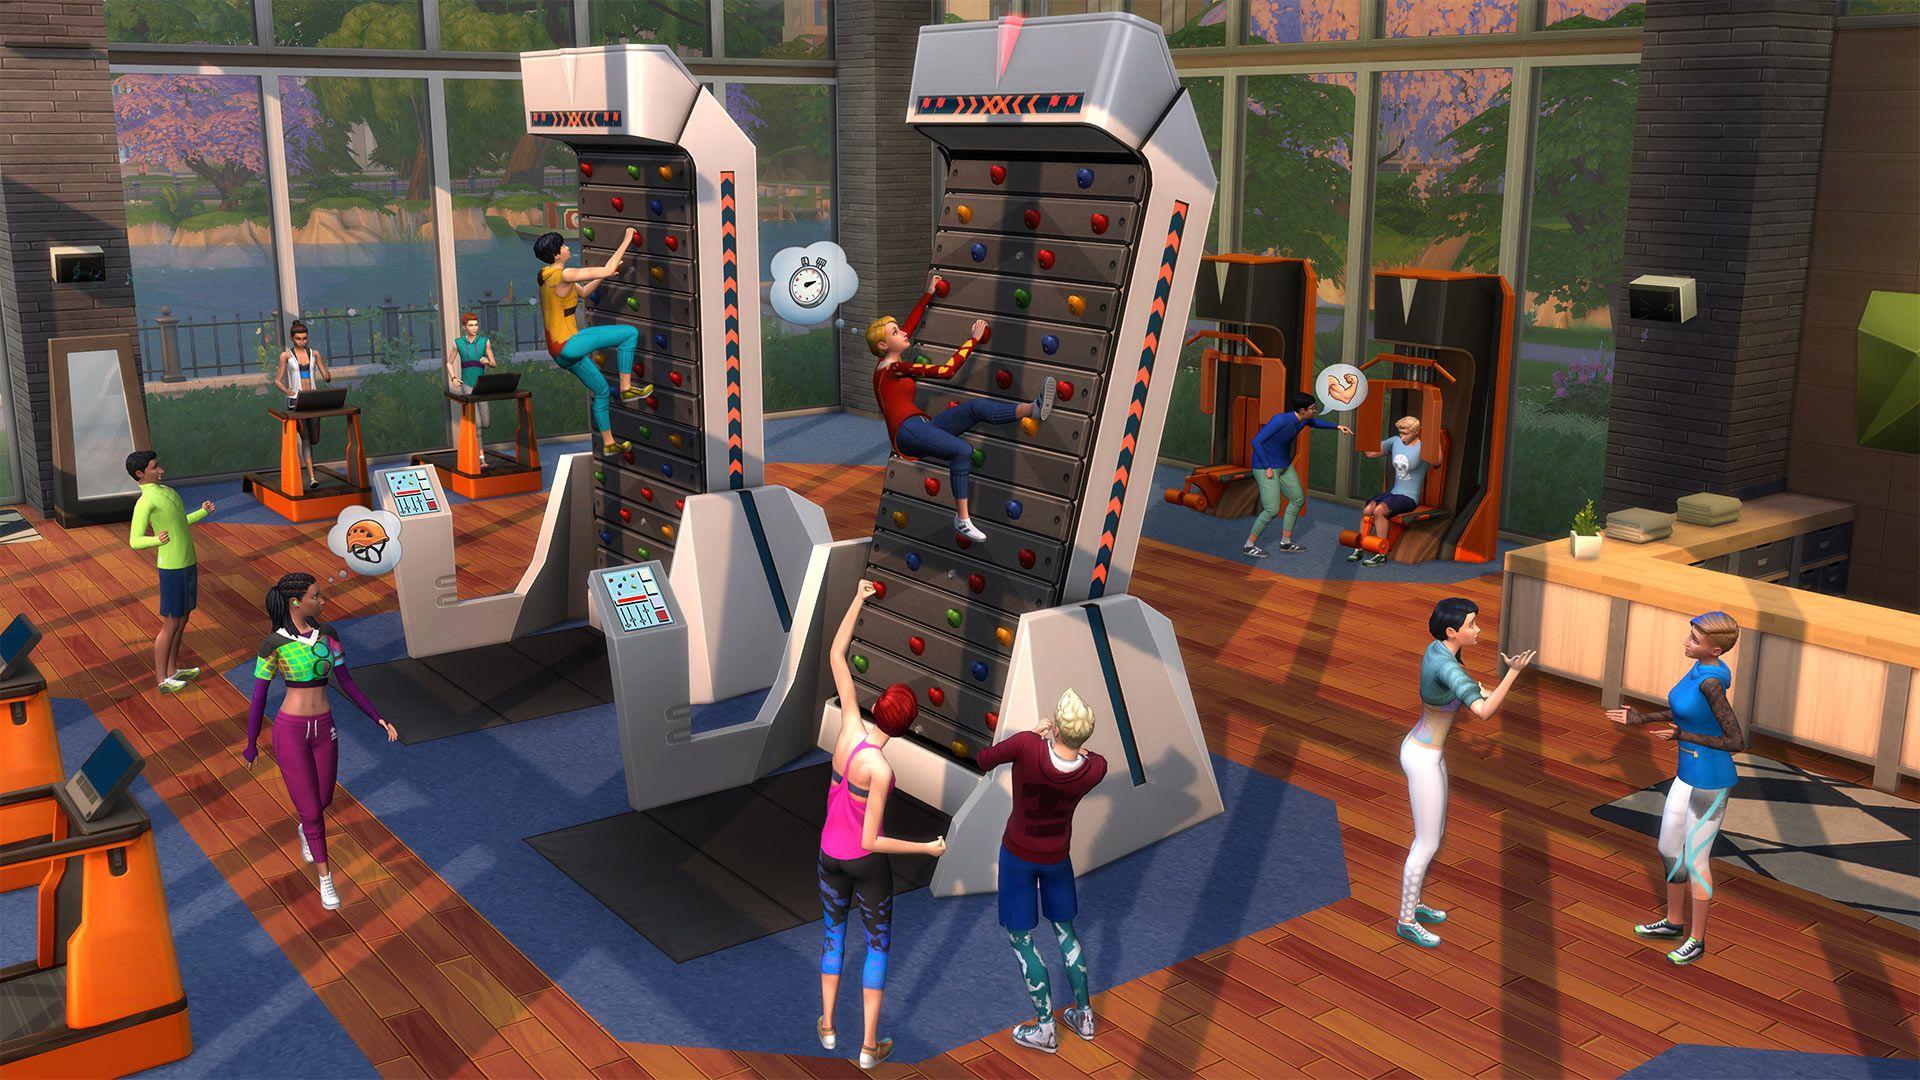 Die Sims 4 Fitness Accessoires Für Pcmac Origin